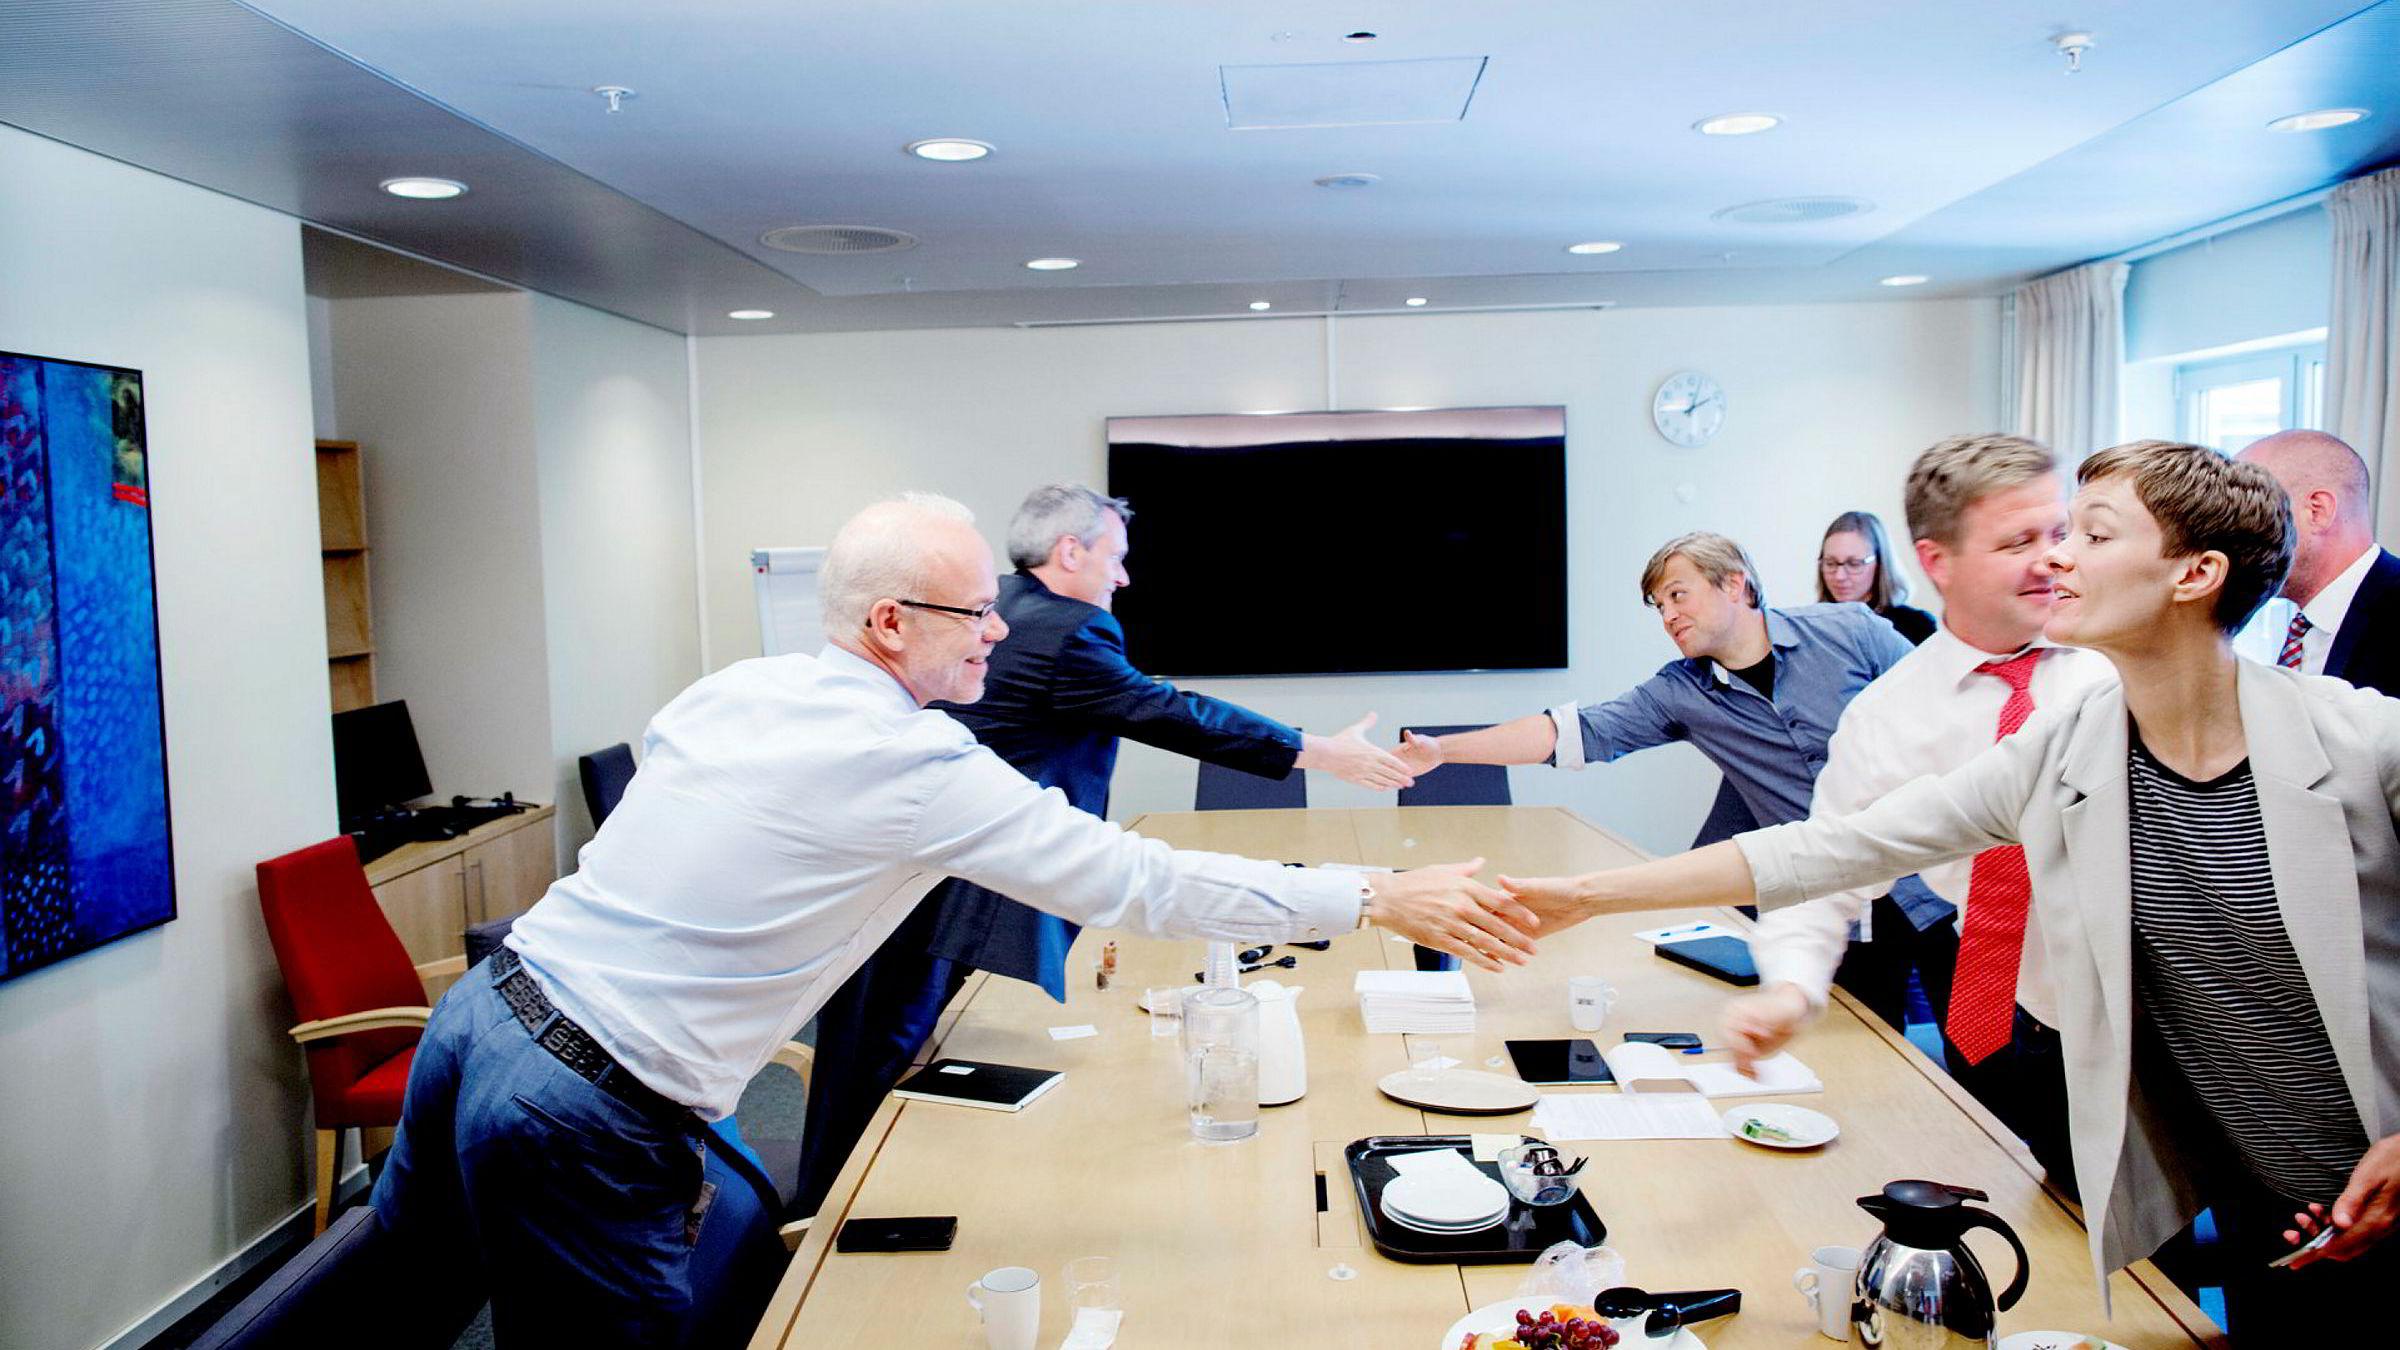 Google-sjef i Norge, Jan Grønbech (f.v.), og samfunnsdirektør Iarla Flynn fra Google møtte Anette Trettebergstuen og andre representanter fra Arbeiderpartiet på Stortinget i sommer for å snakke om innovasjon og skatt. I USA brukte Google nærmere 147 millioner kroner på lobbyvirksomhet i fjor.